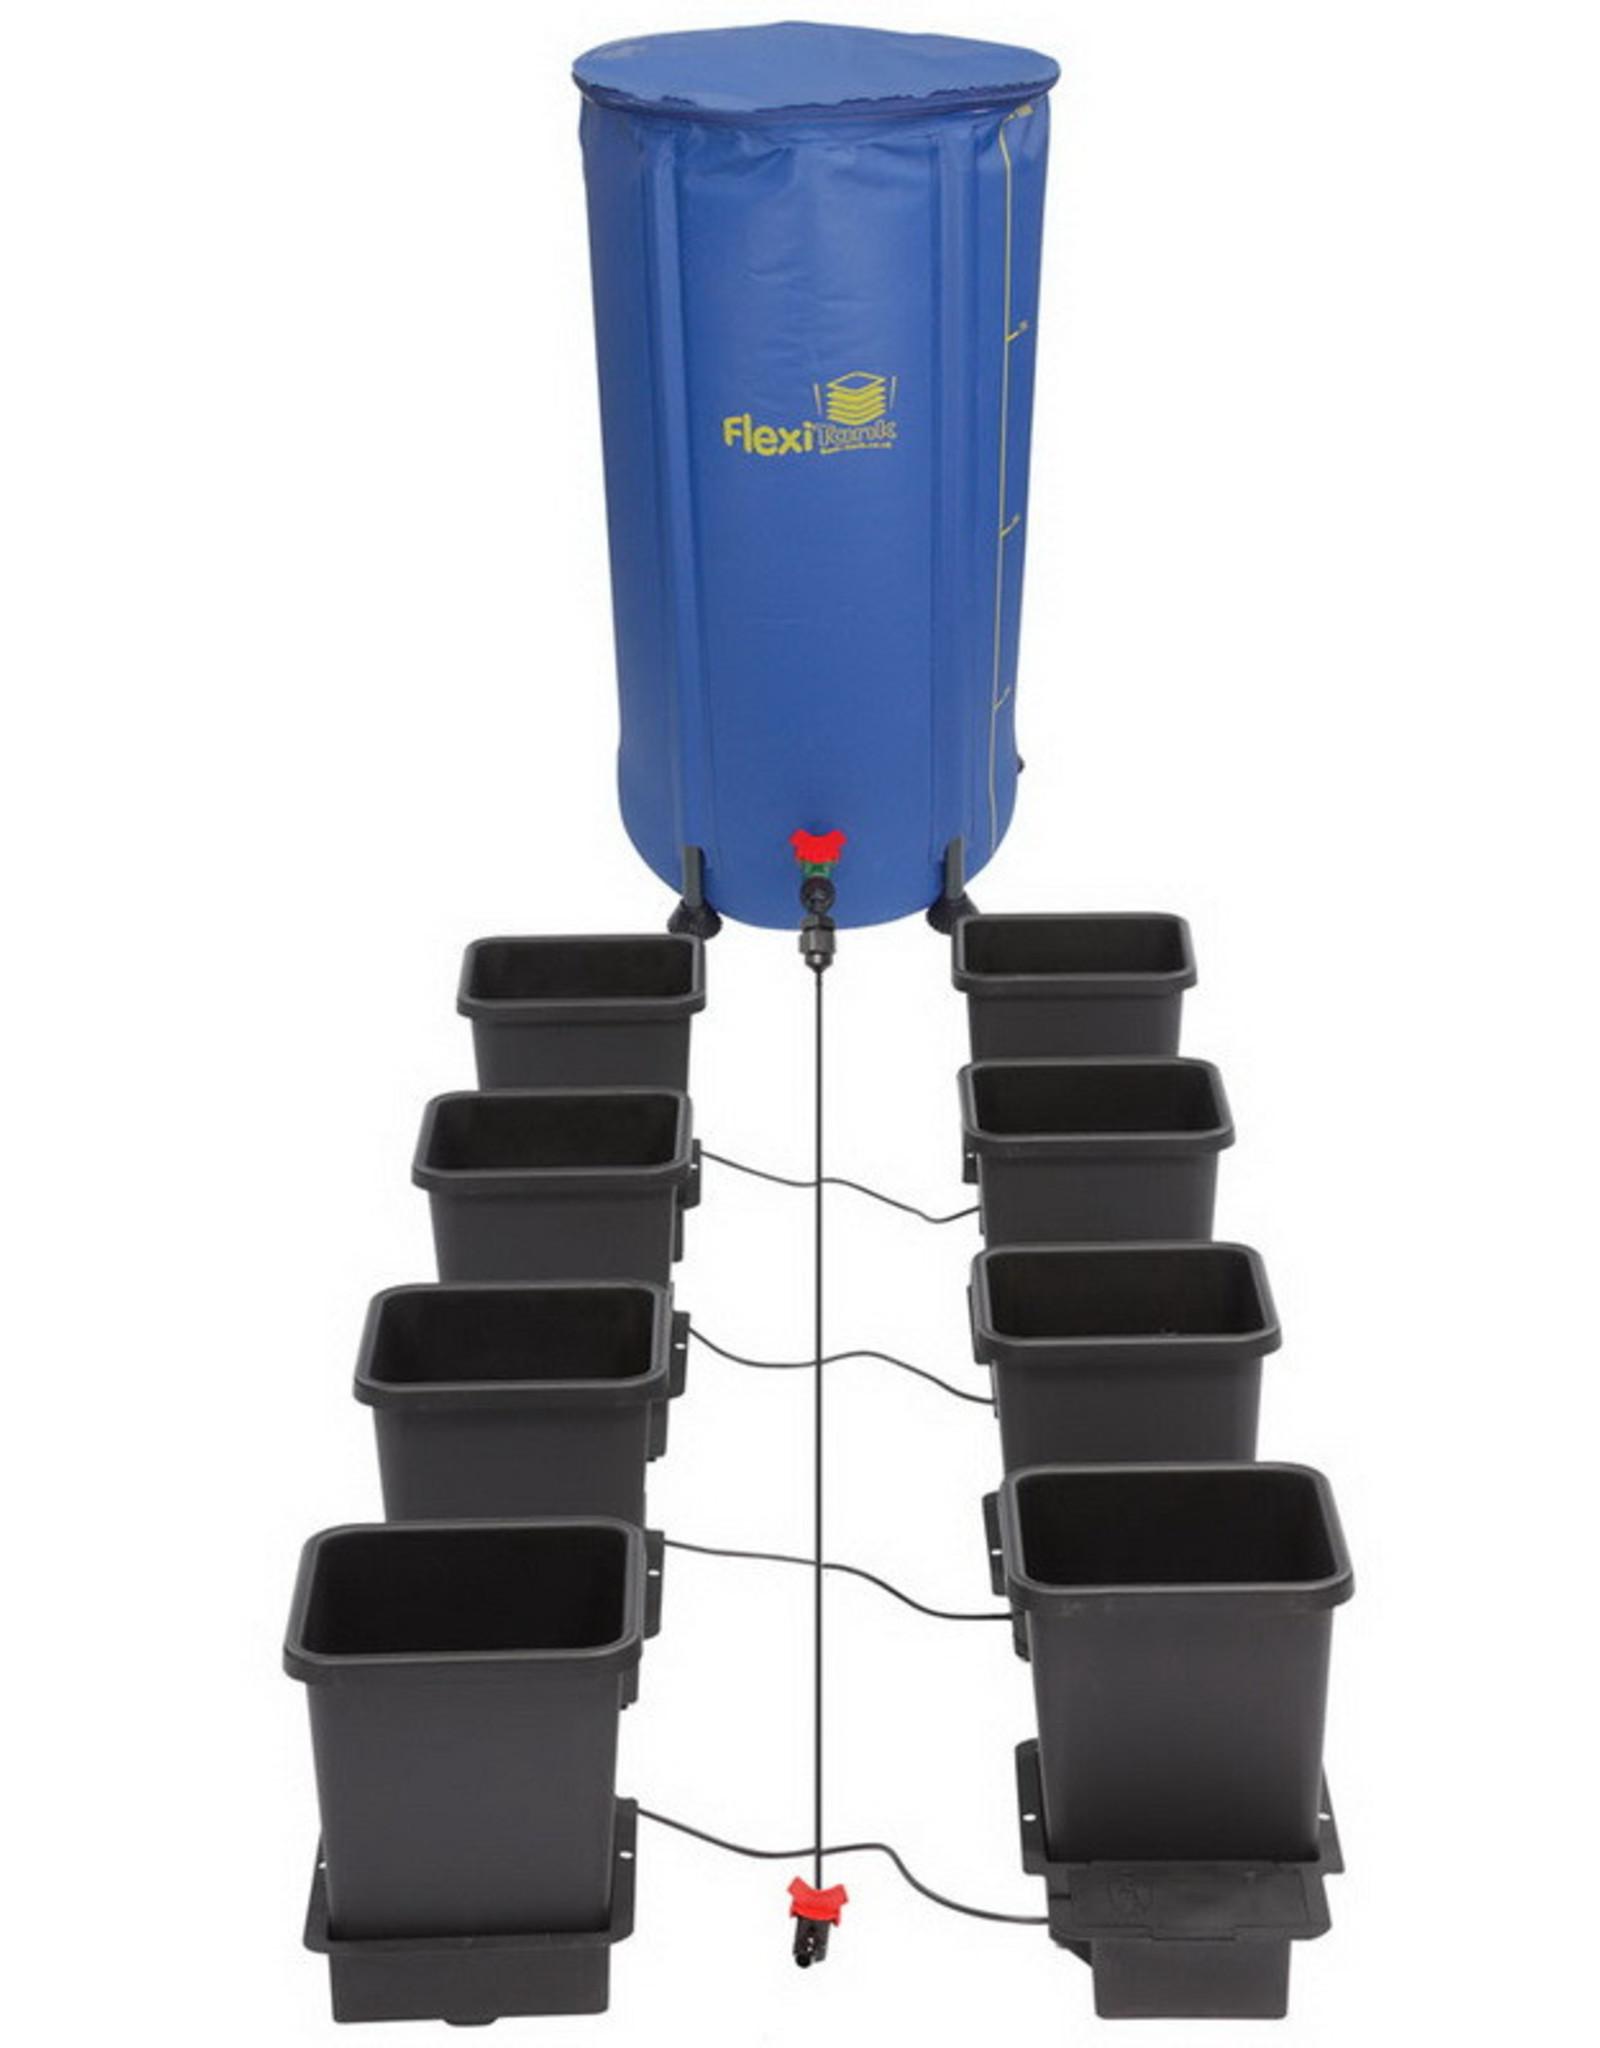 Autopot 8 Pot Komplettsystem